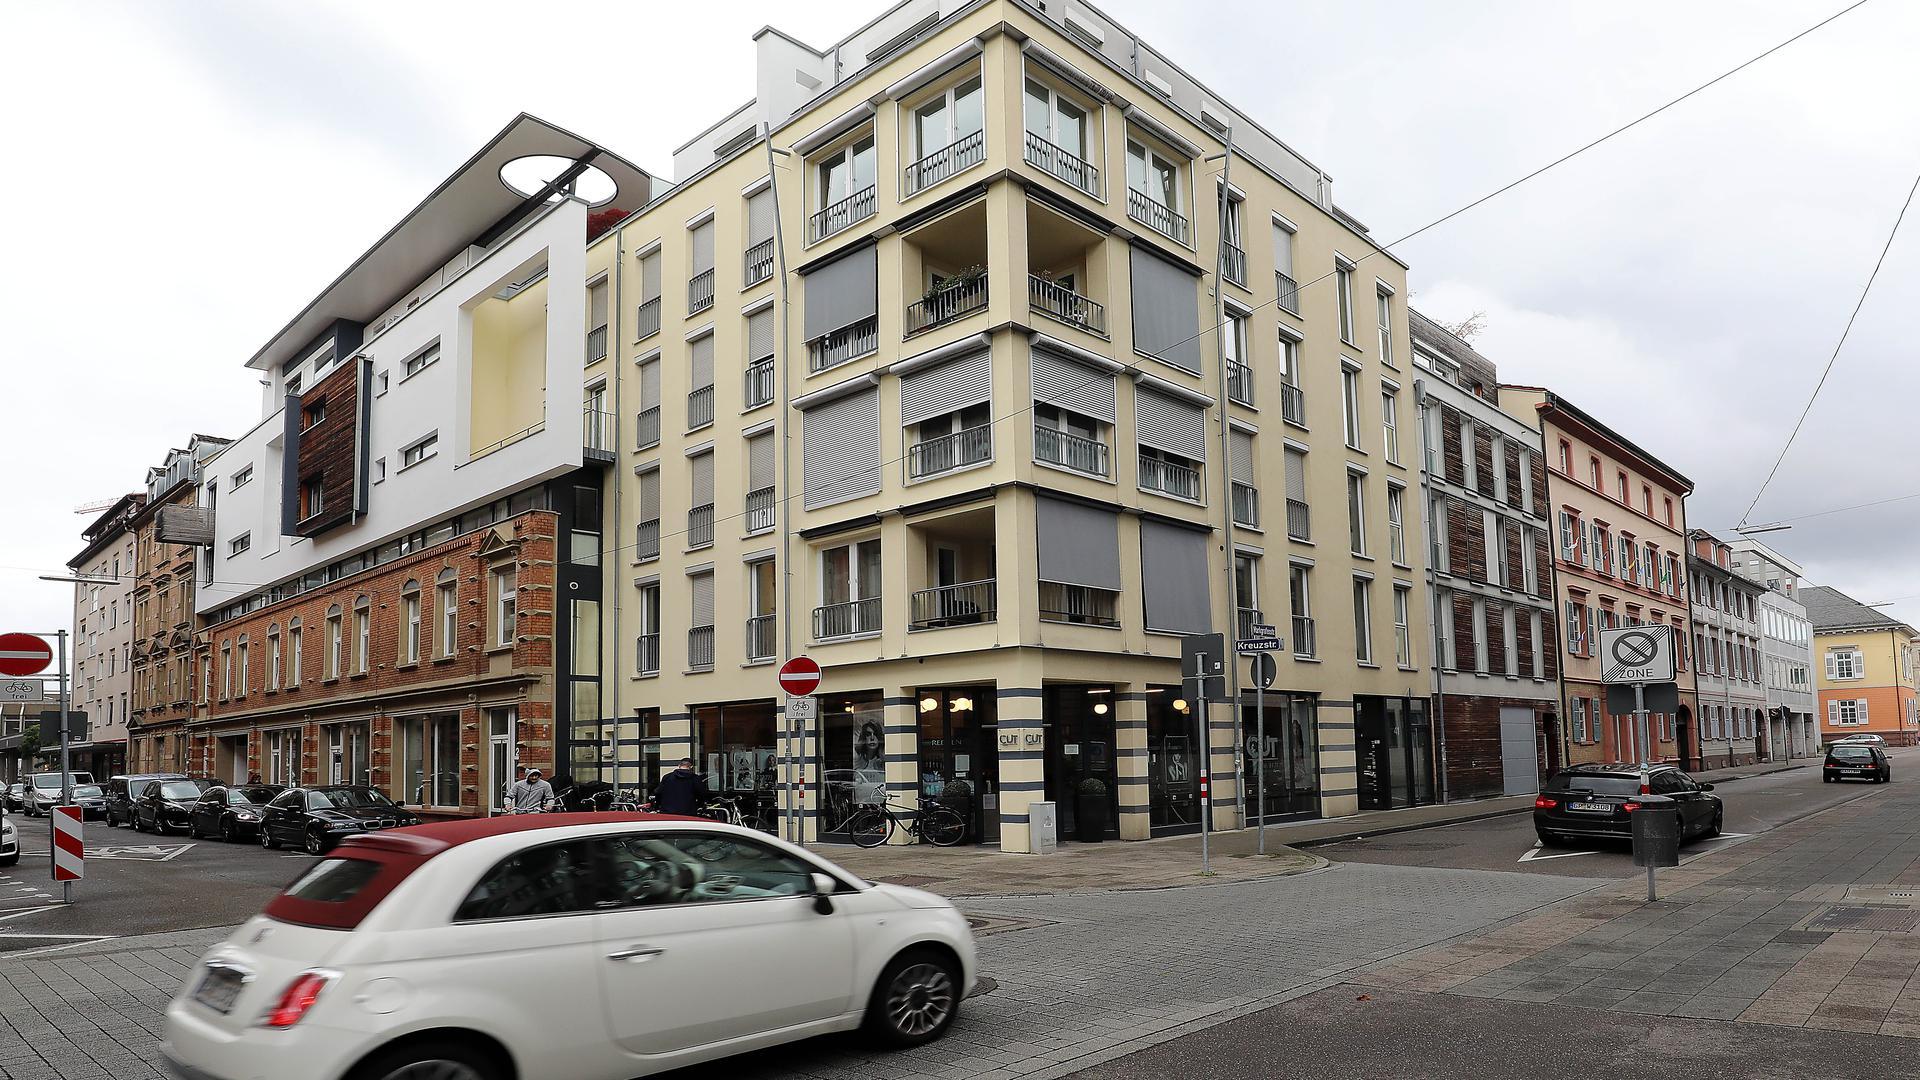 Neubau: Ecke Markgrafen- und Kreuzstraße, wo einst bei einem Brand drei Menschen zu Tode kamen, ist von dem dramatischen Geschehen heute nichts mehr zu sehen.